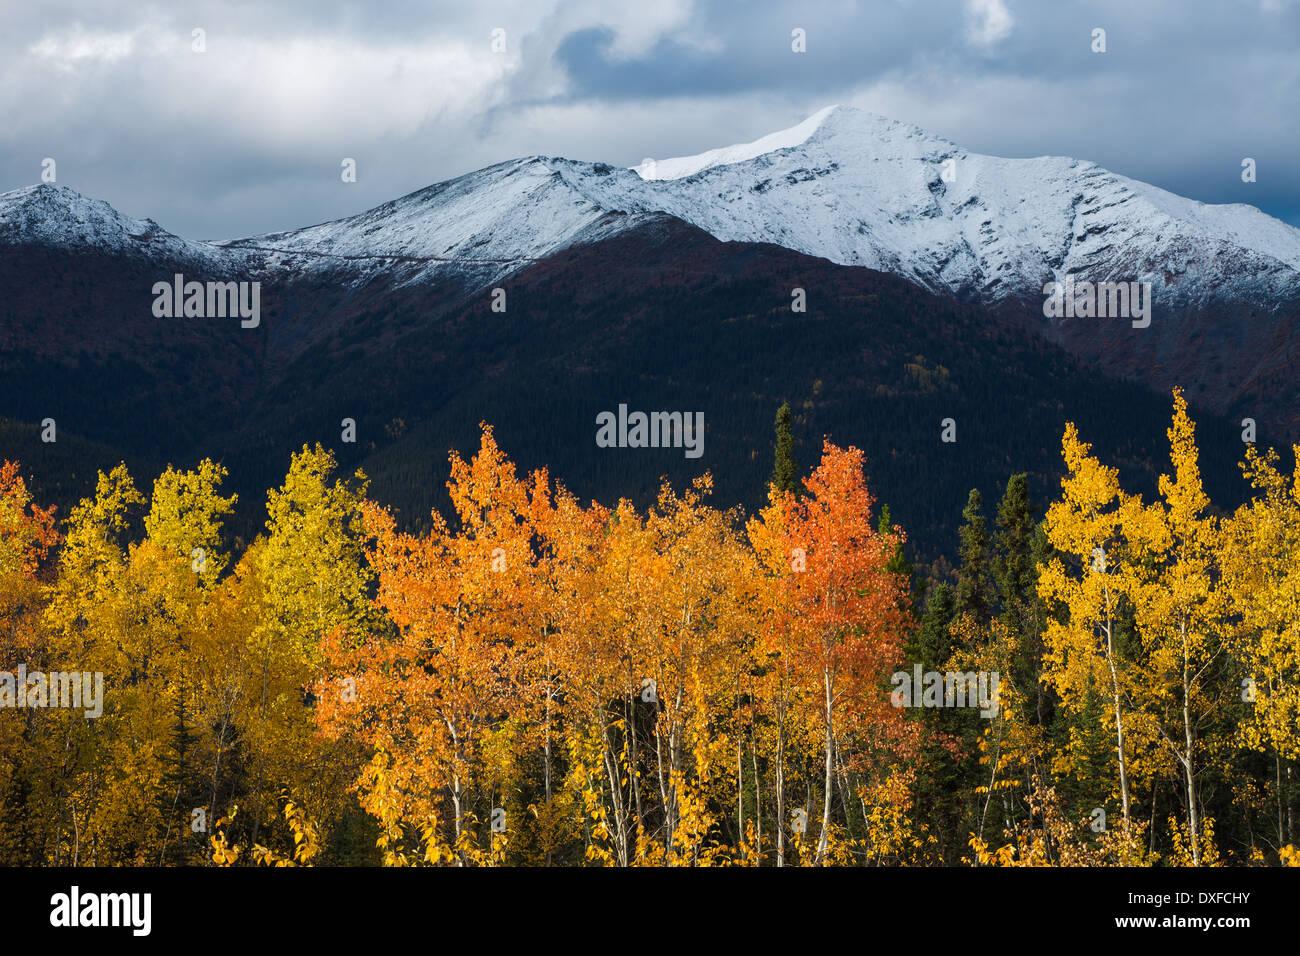 Herbstfärbung des borealen Waldes im Tal Stewart River, Yukon Territorien, Kanada Stockfoto